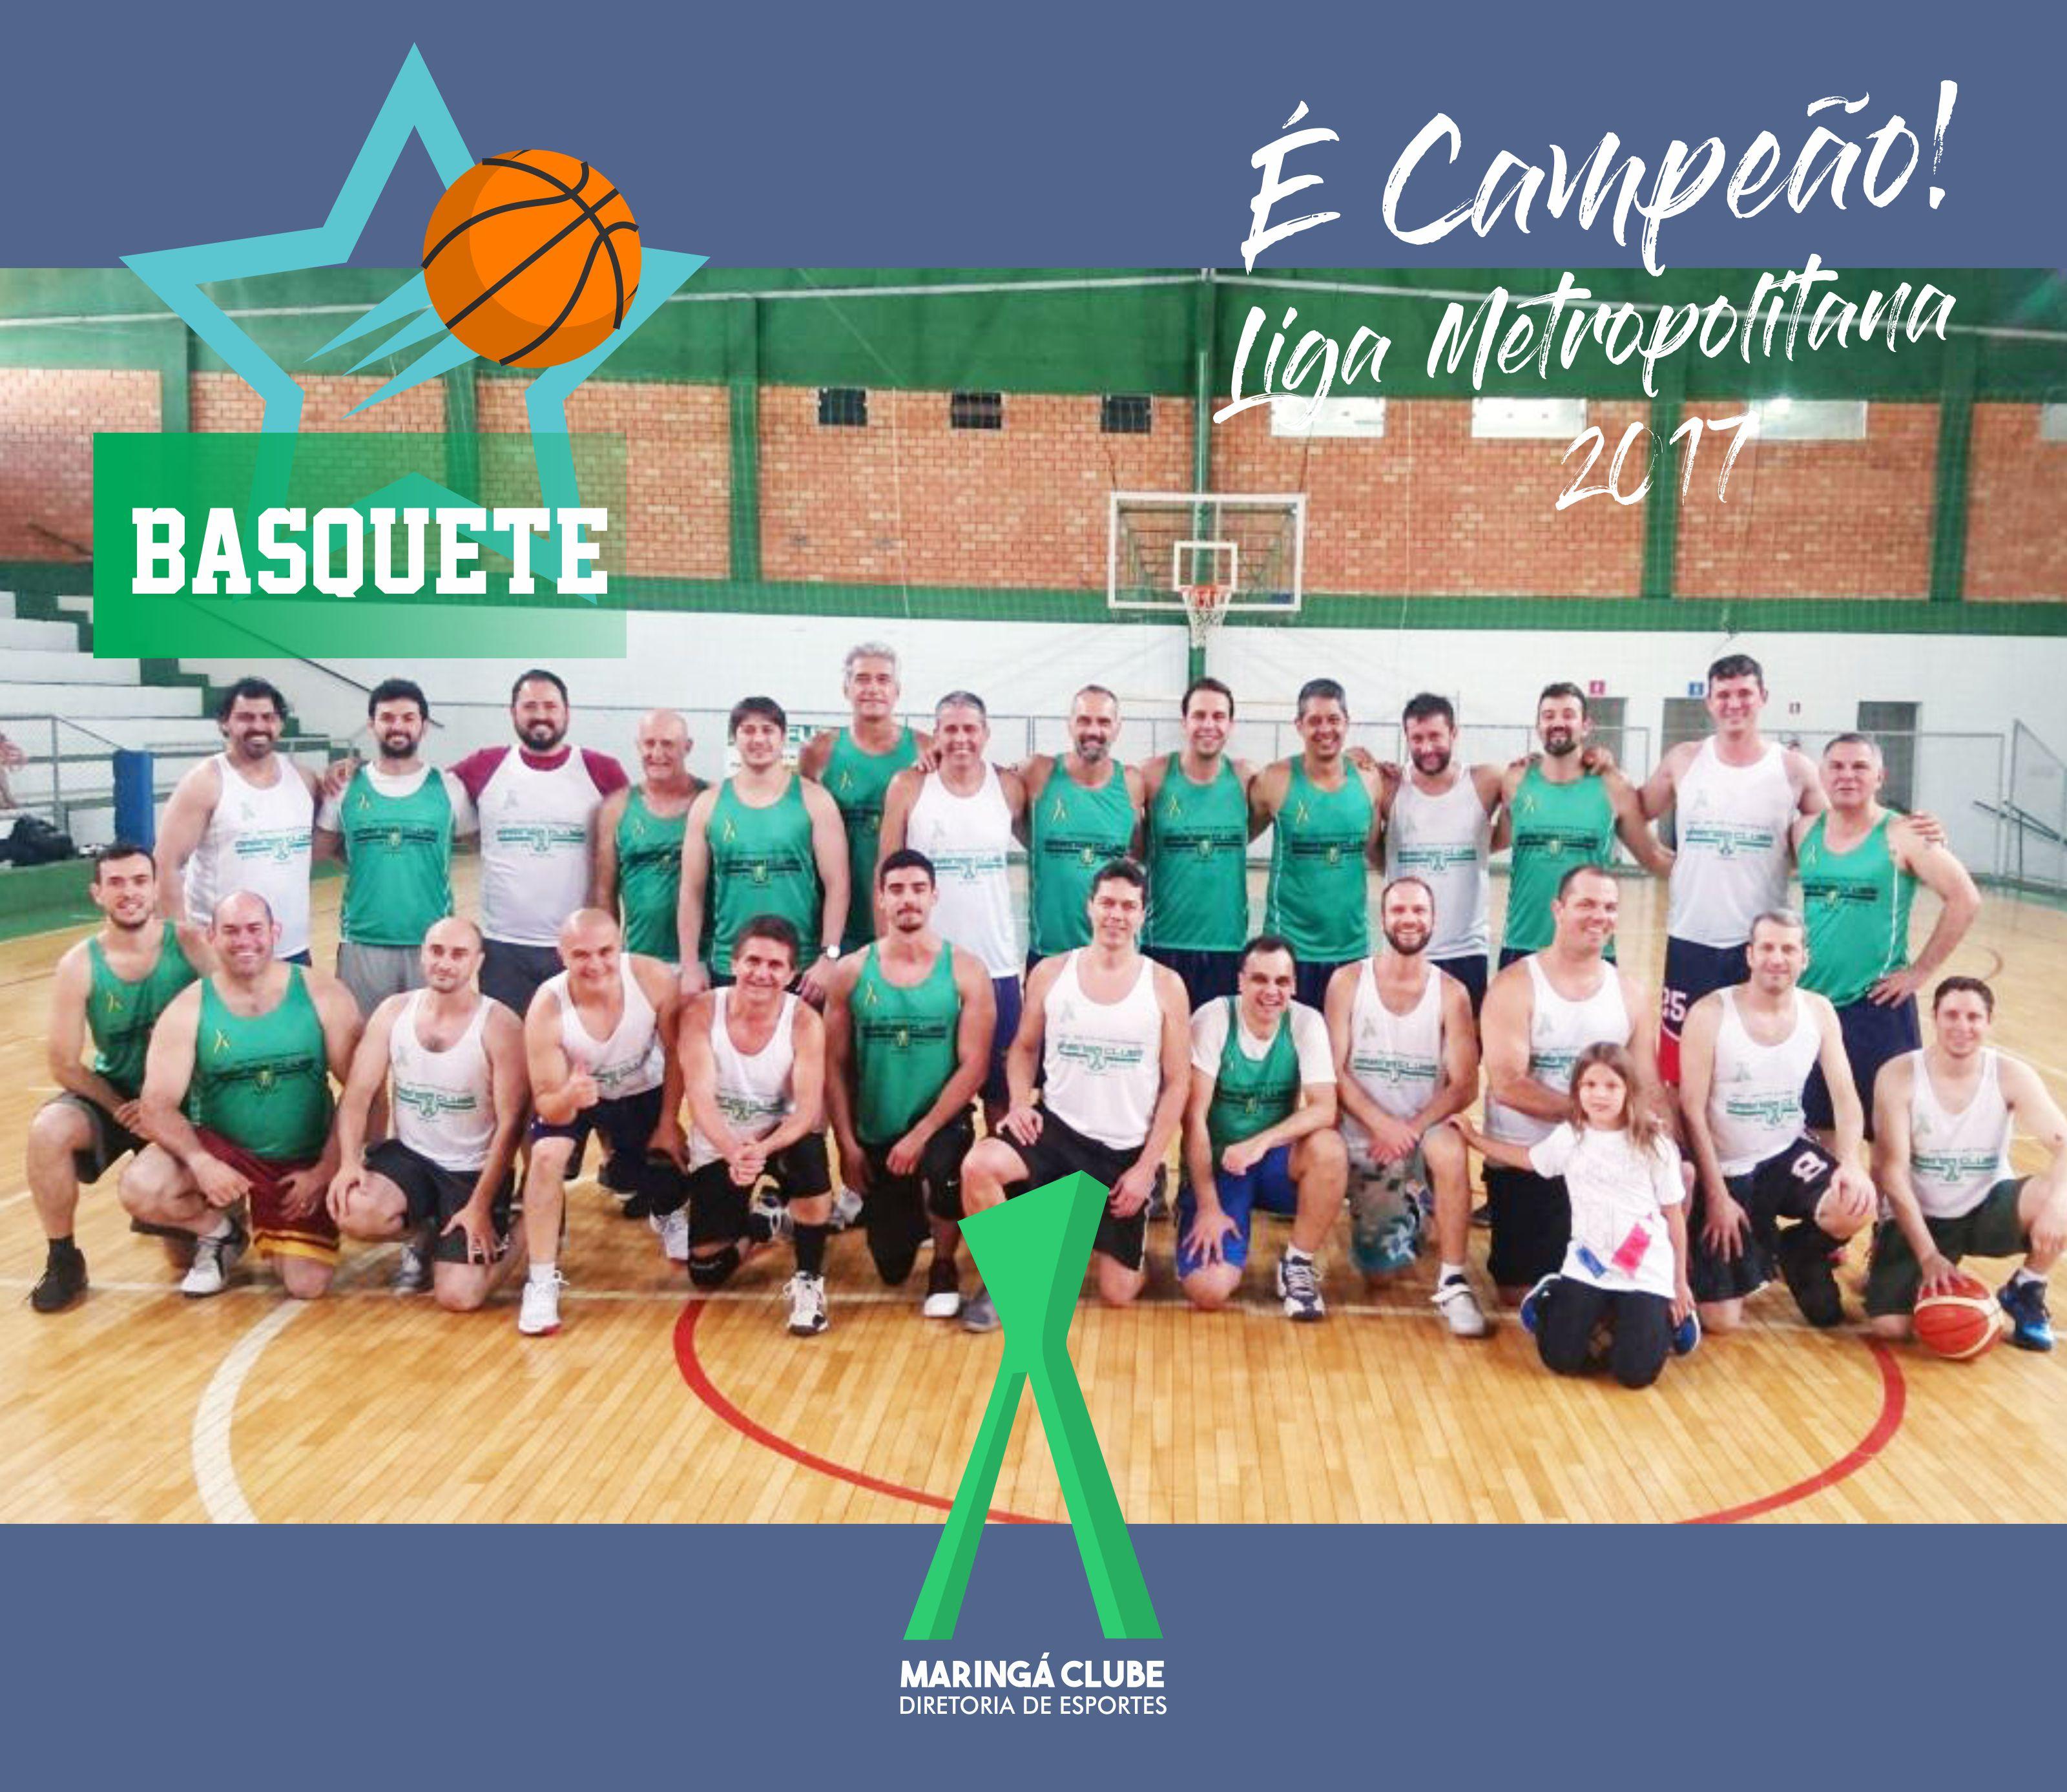 basquete campeão 2017 g